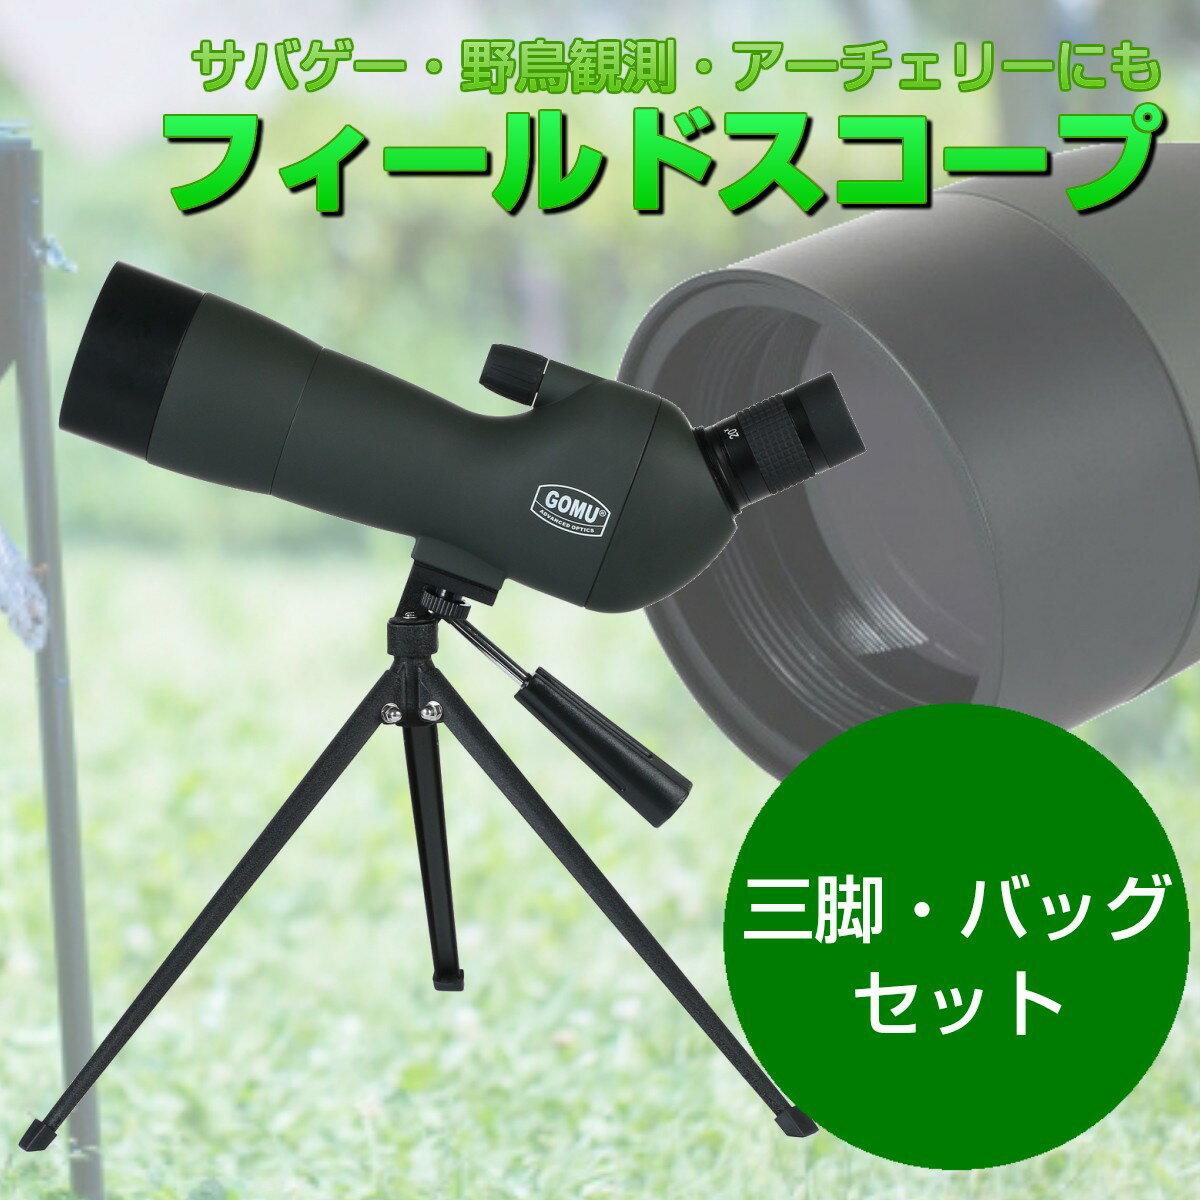 ナビエット 単眼望遠鏡 フィールドスコープ